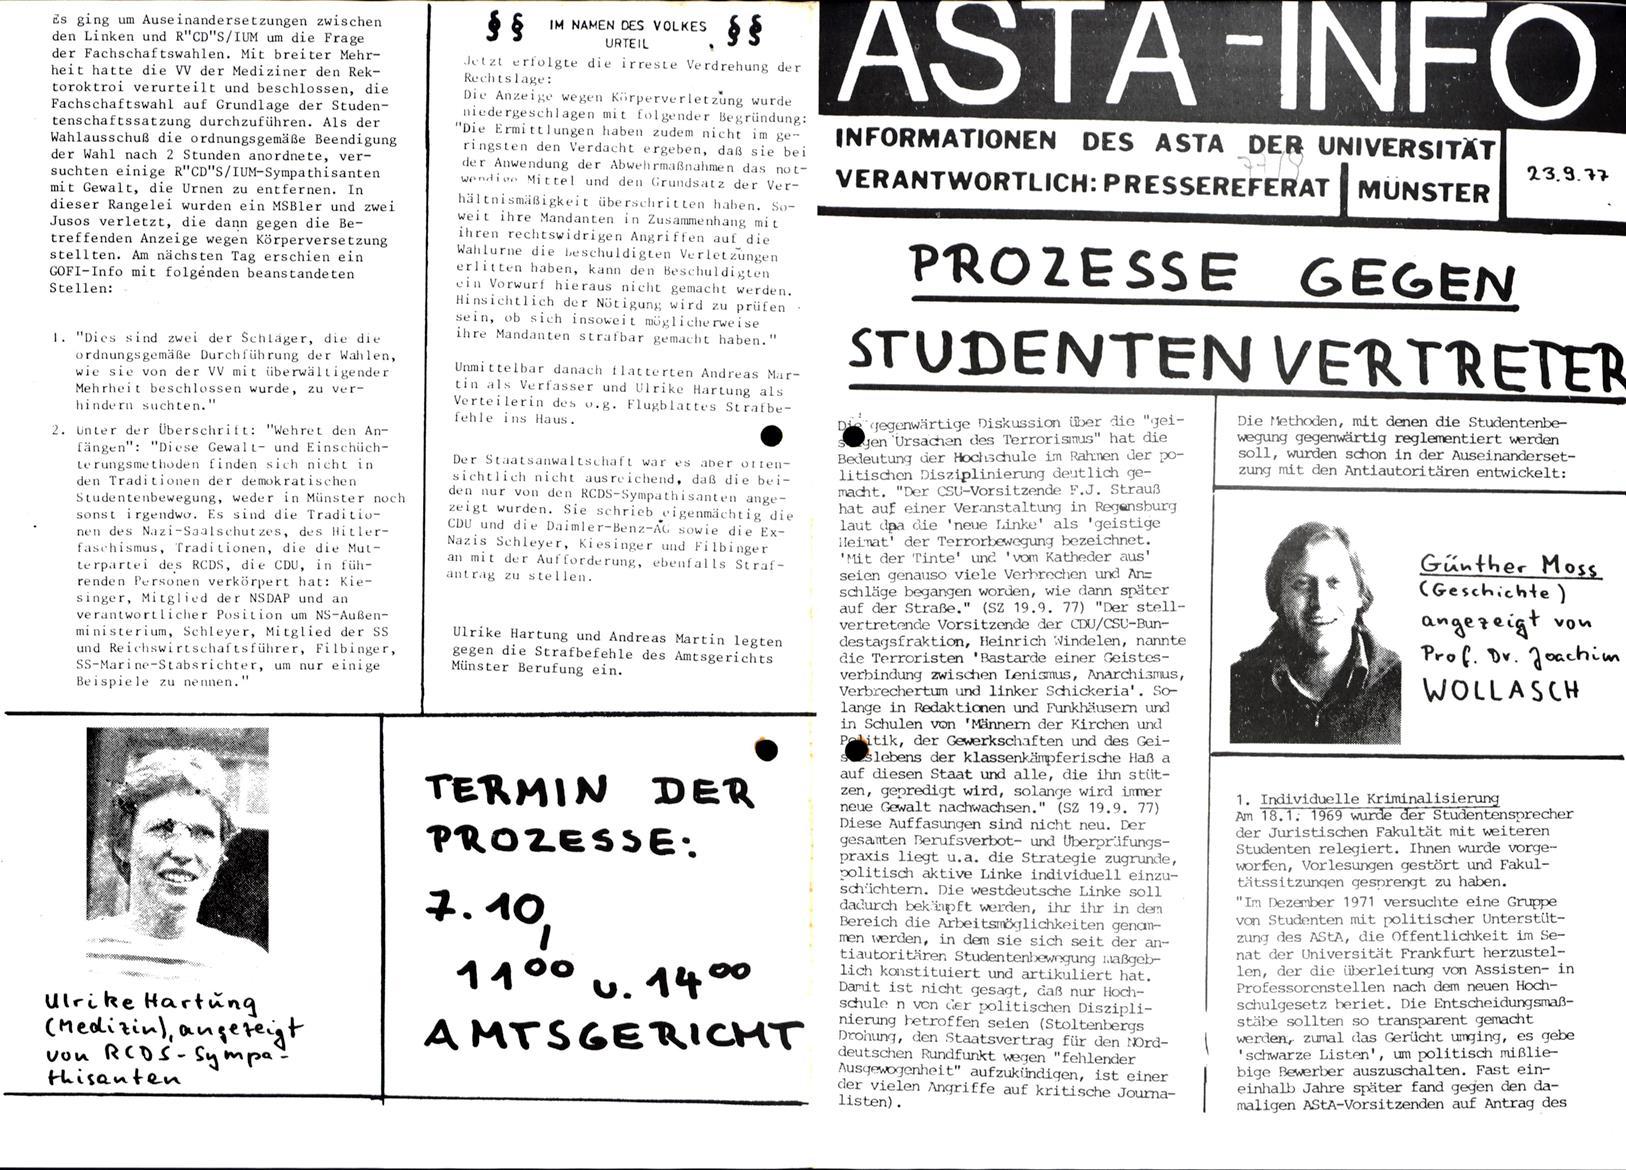 Muenster_AStA_Info_19770923_01